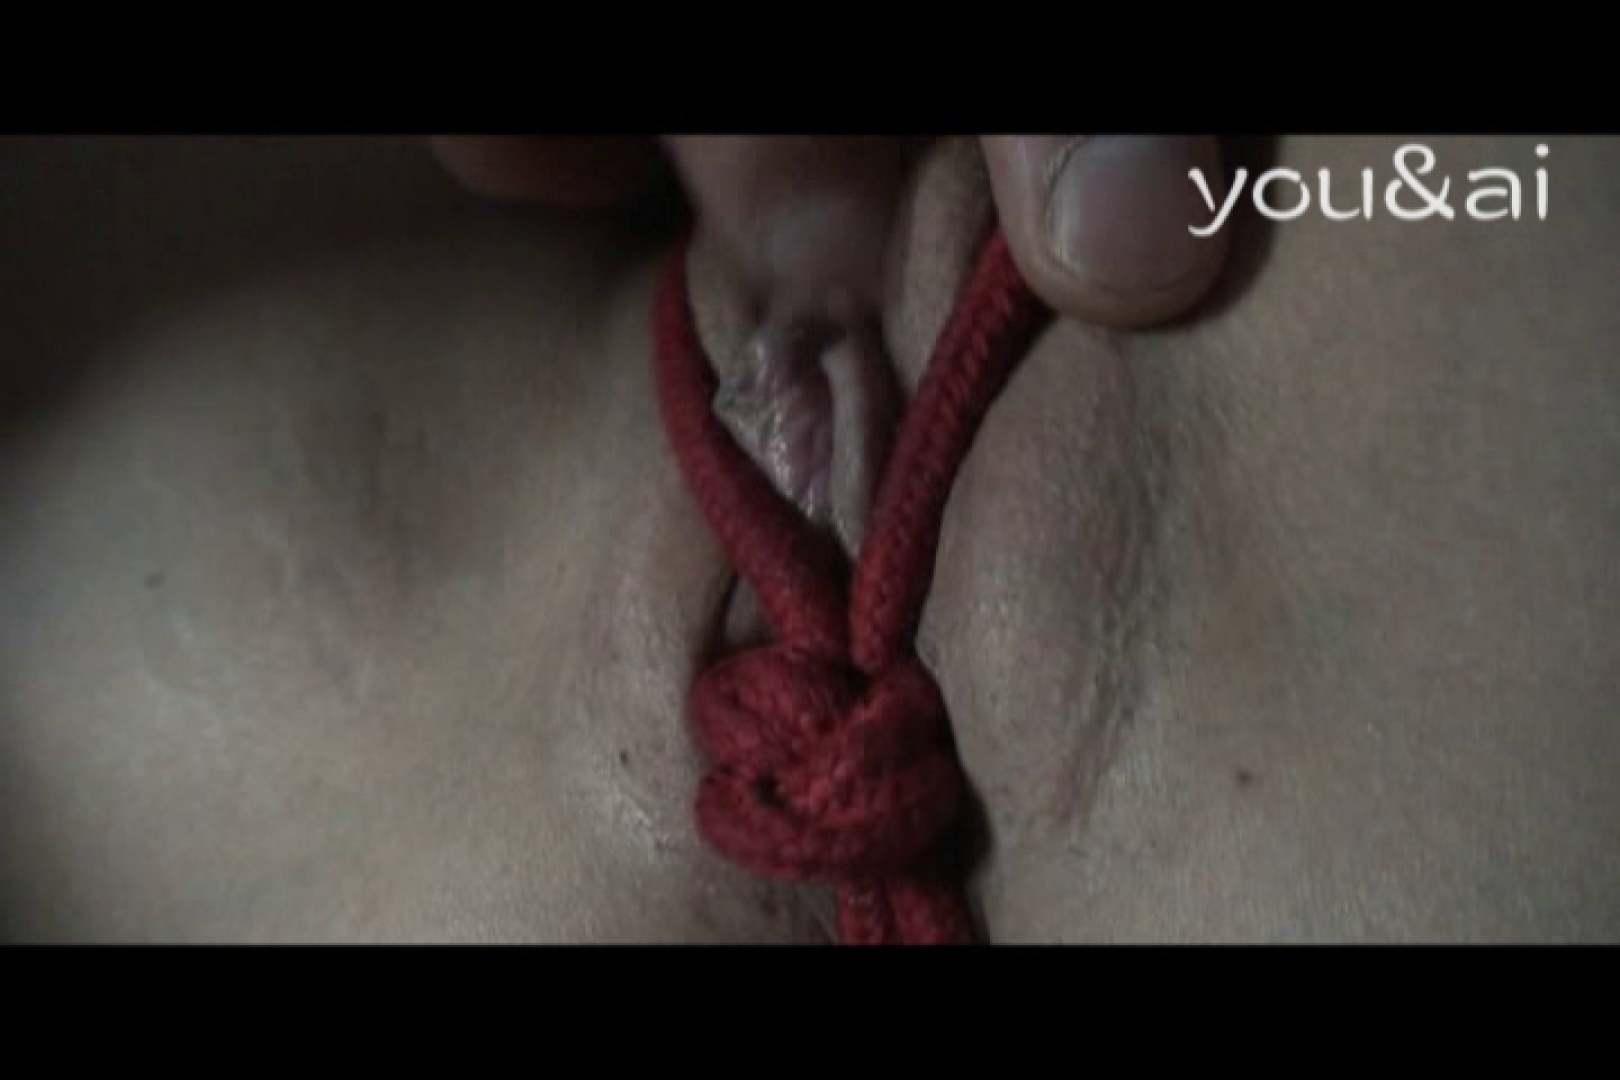 おしどり夫婦のyou&aiさん投稿作品vol.4 緊縛 | 一般投稿  107画像 17